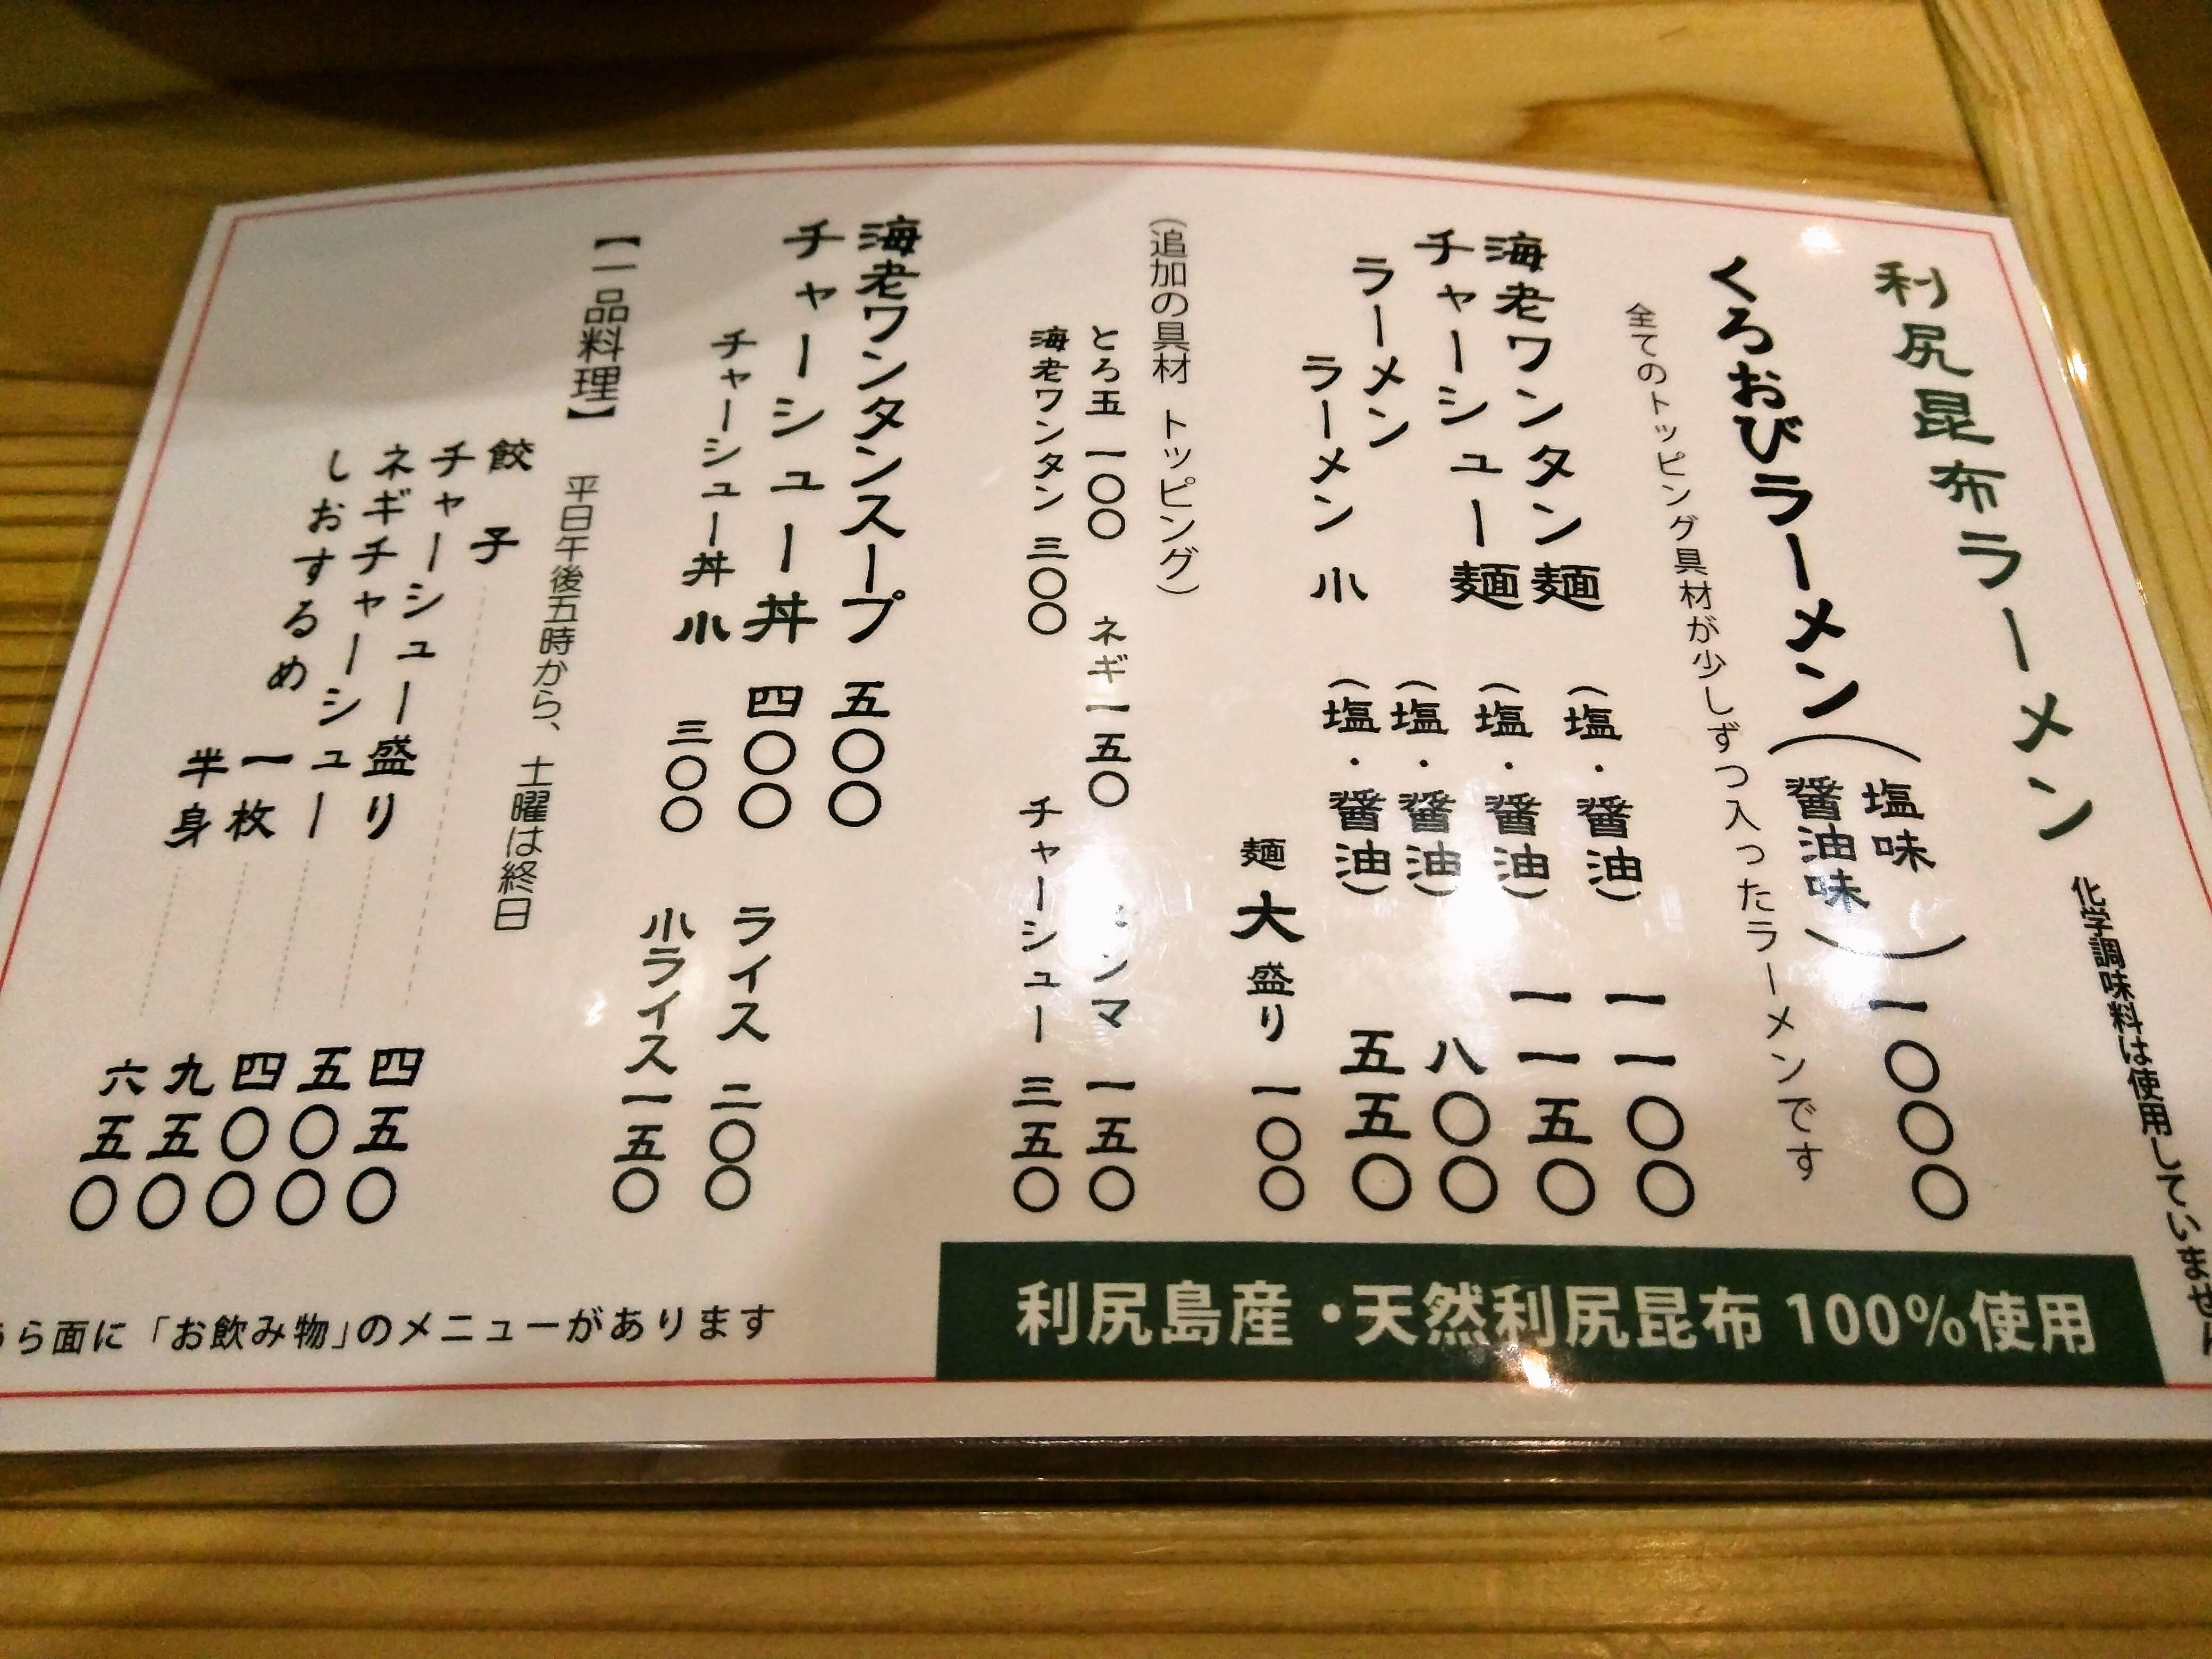 バランスの良いコクと旨味の無化調ラーメン ~ 大門・浜松町 利尻昆布ラーメン くろおび